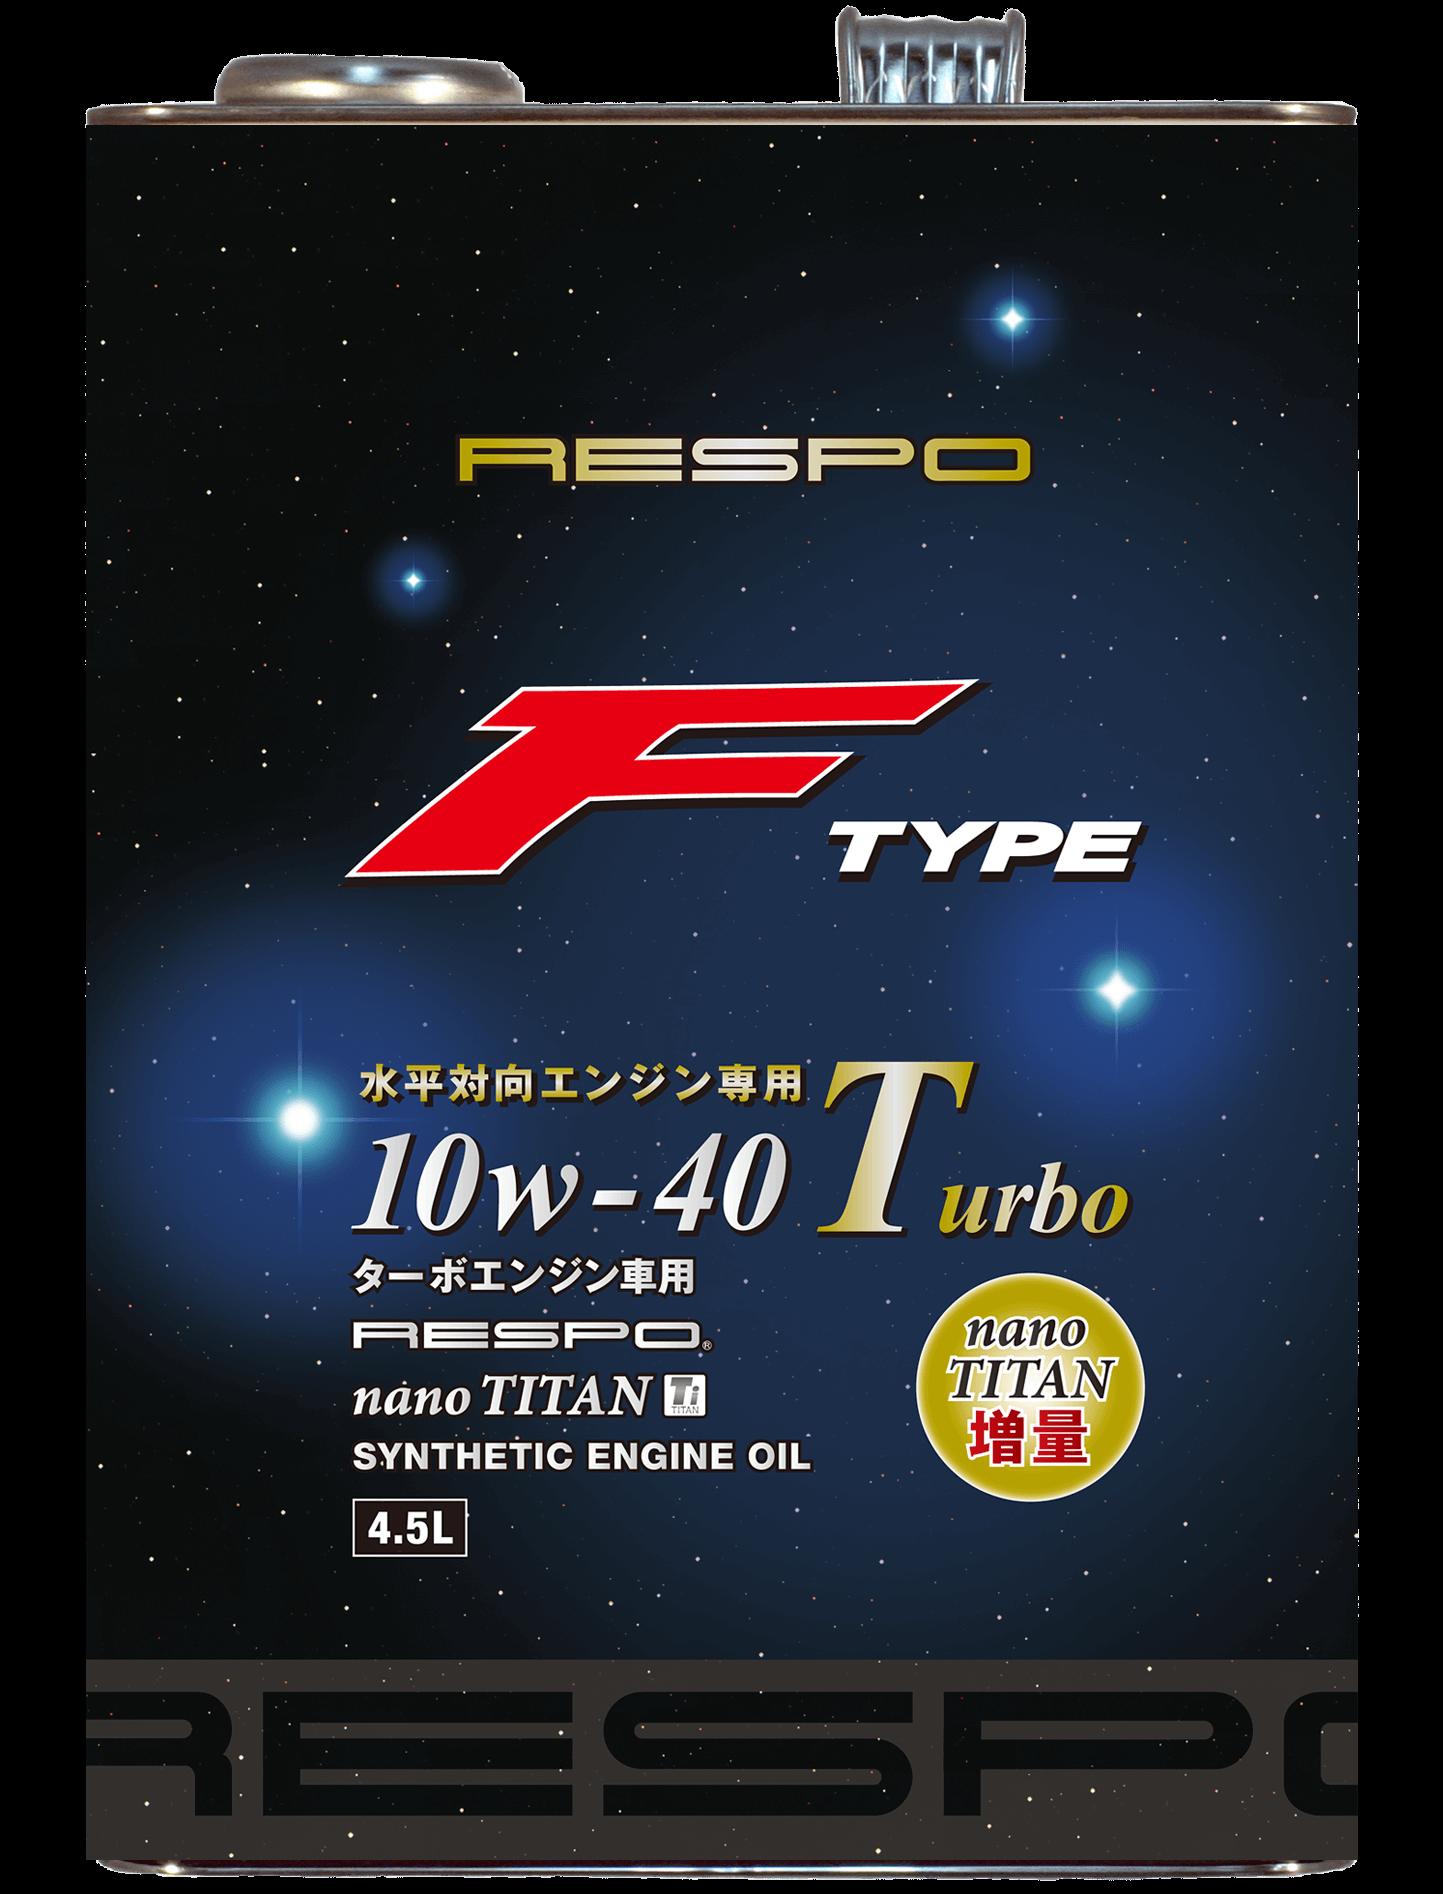 RESPO F TYPE 10w-40 Turbo